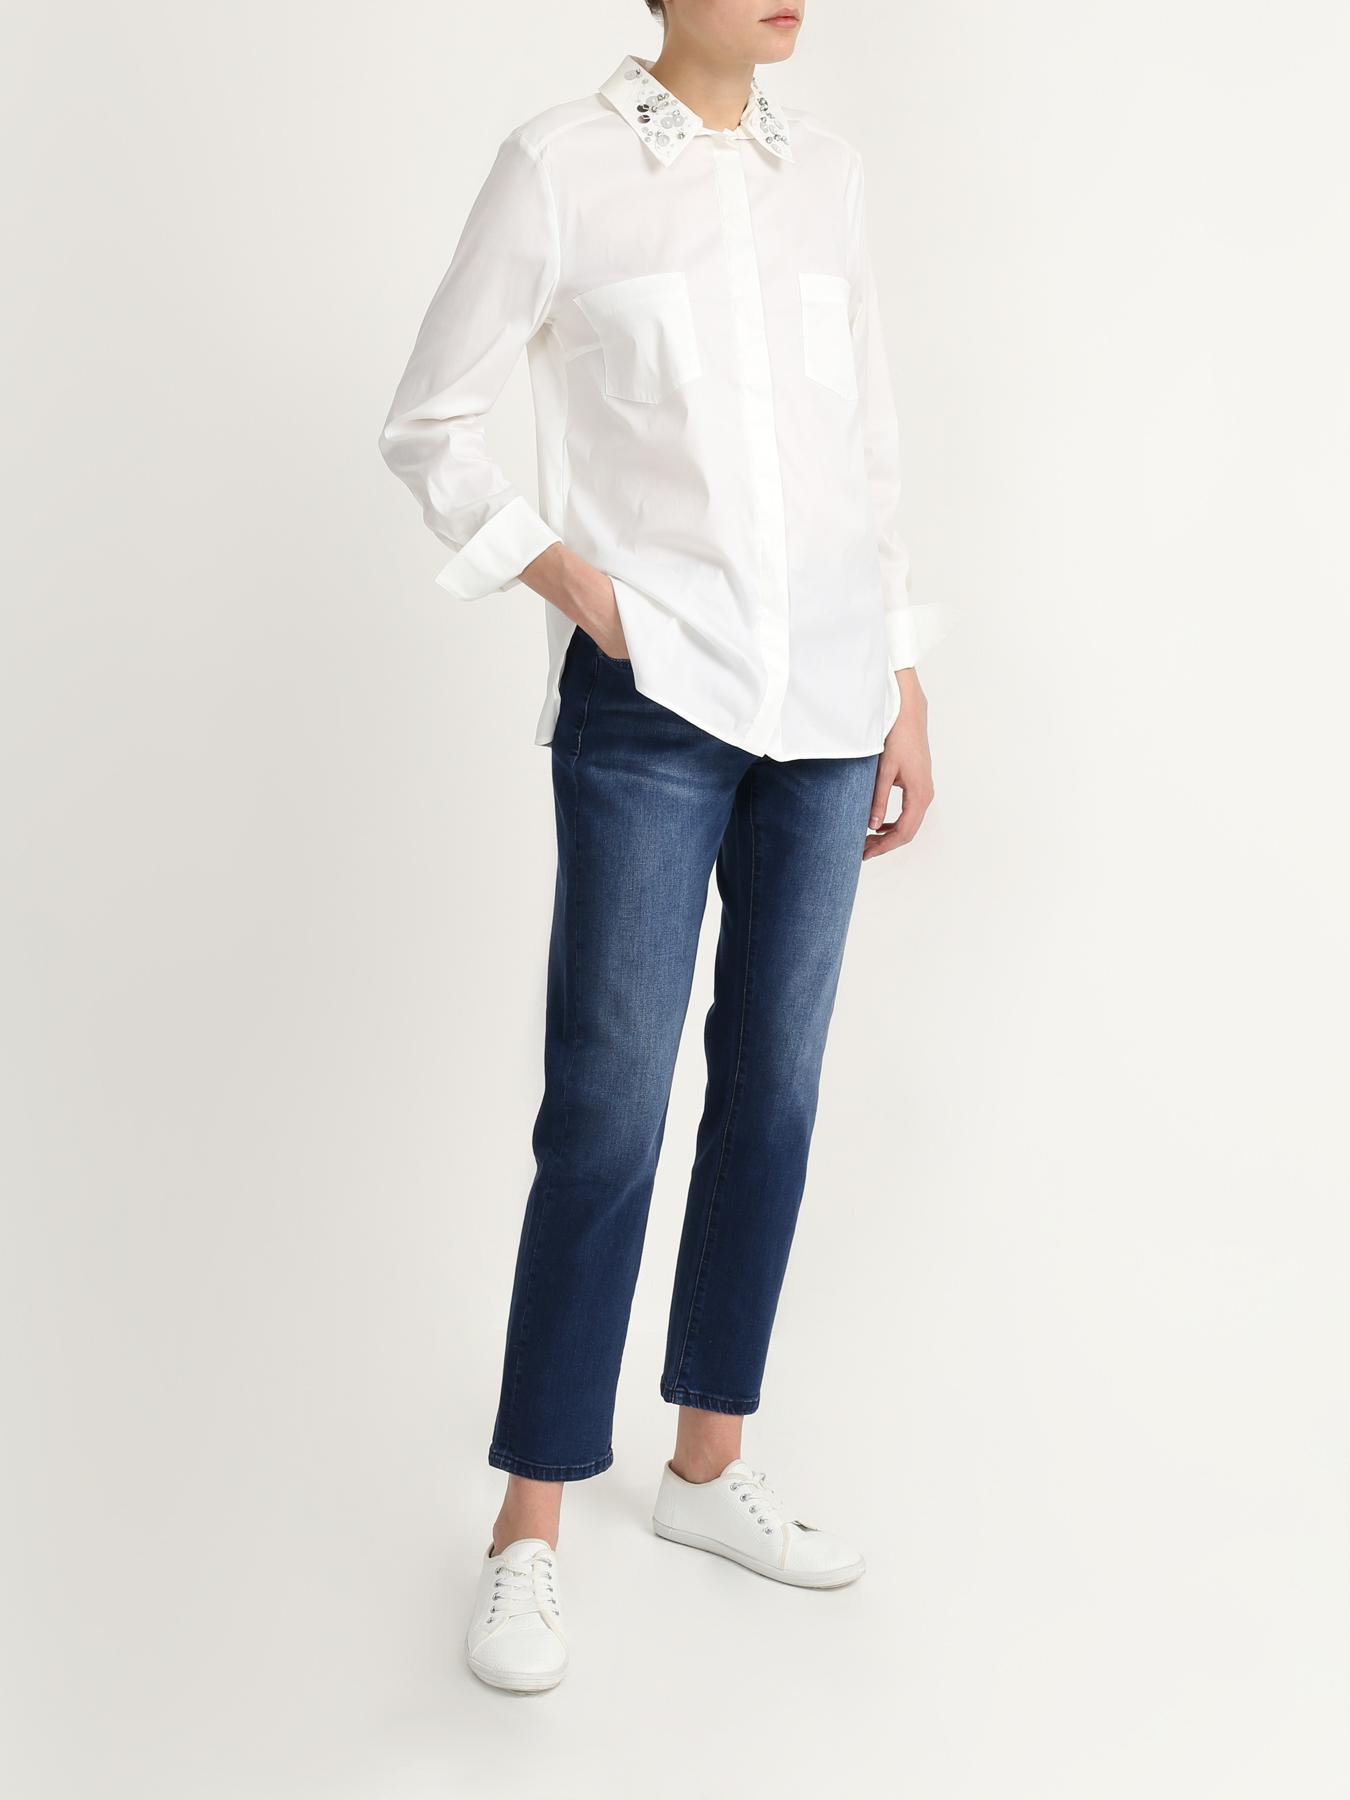 Брюки 6 P.M. Укороченные джинсы джинсы lime укороченные джинсы